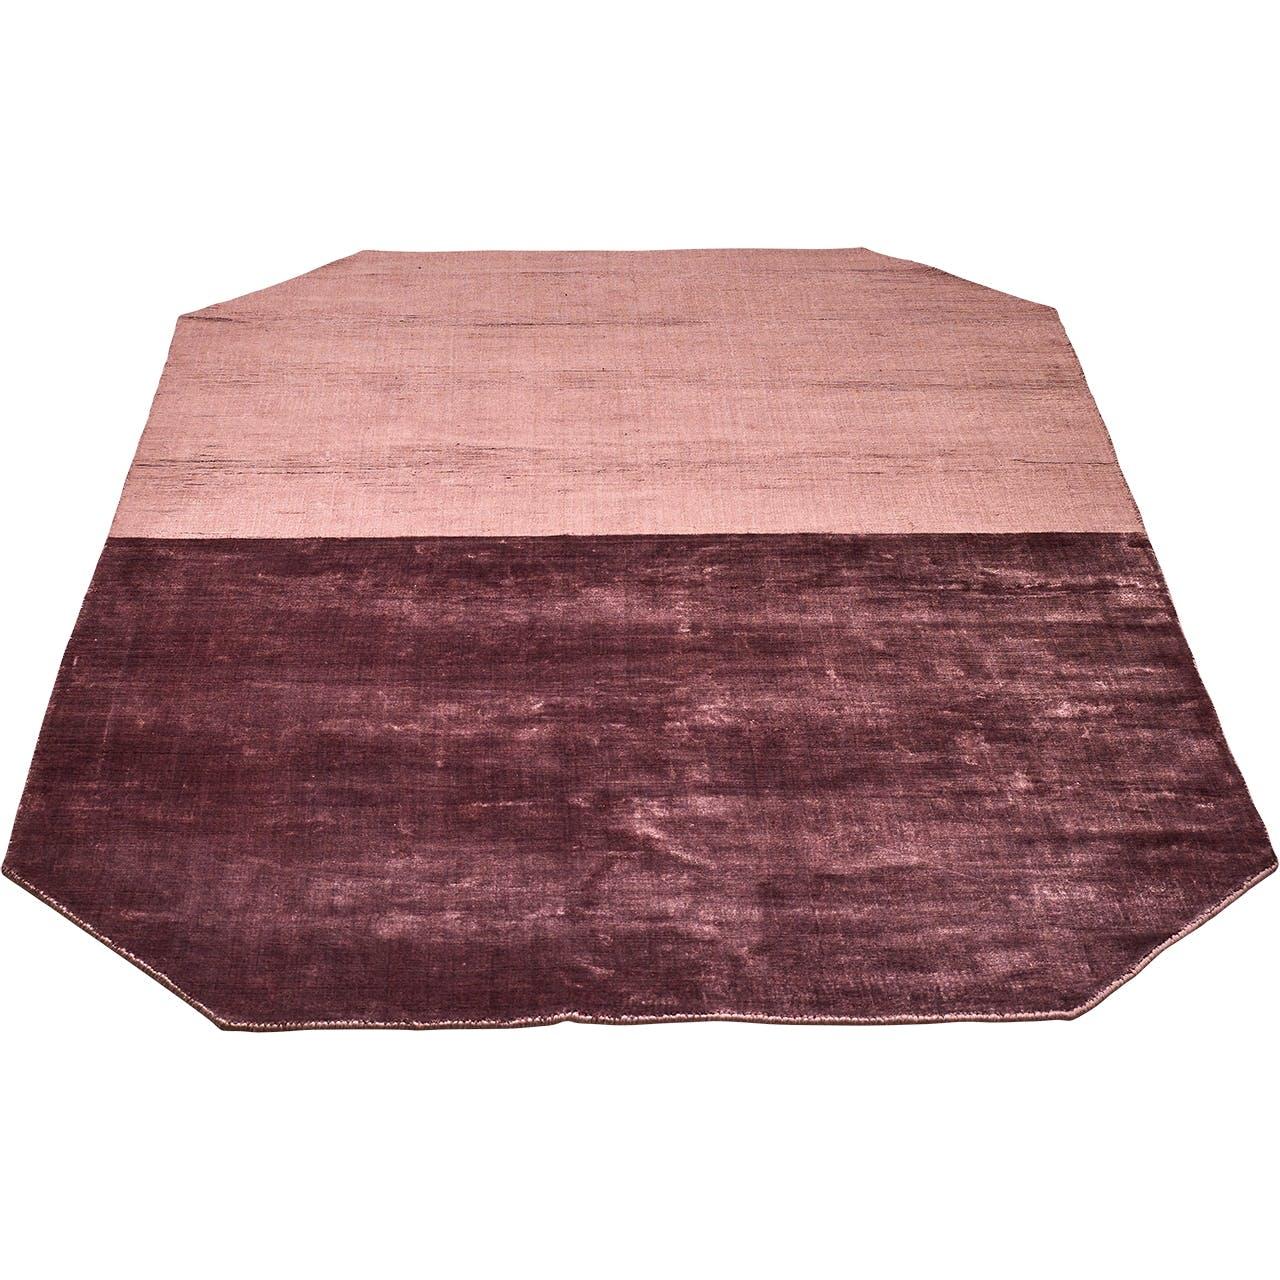 Bolia tæppe i to farver af rosa